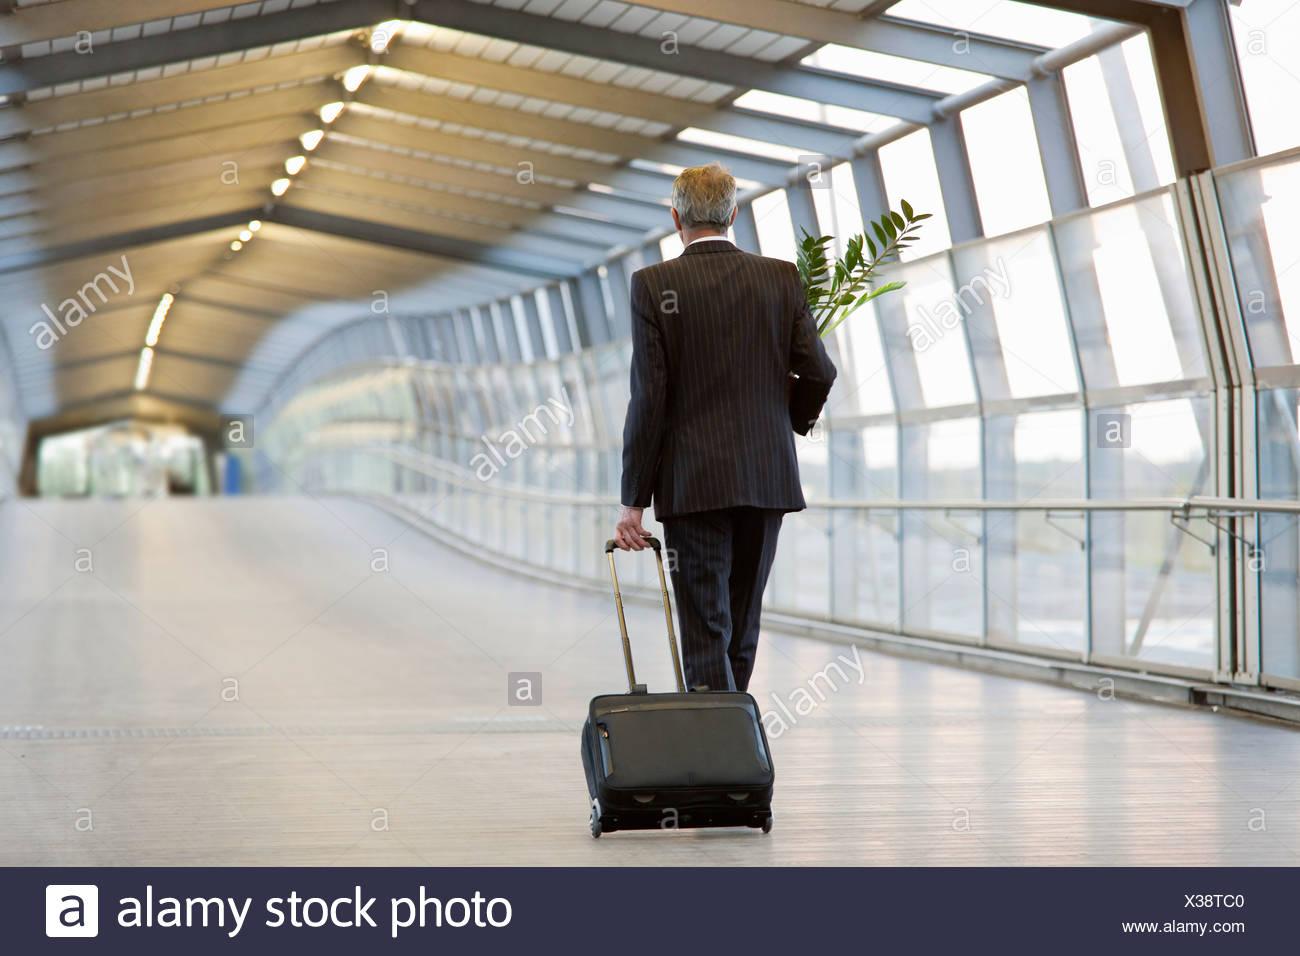 Businessman wheeling luggage with plant - Stock Image